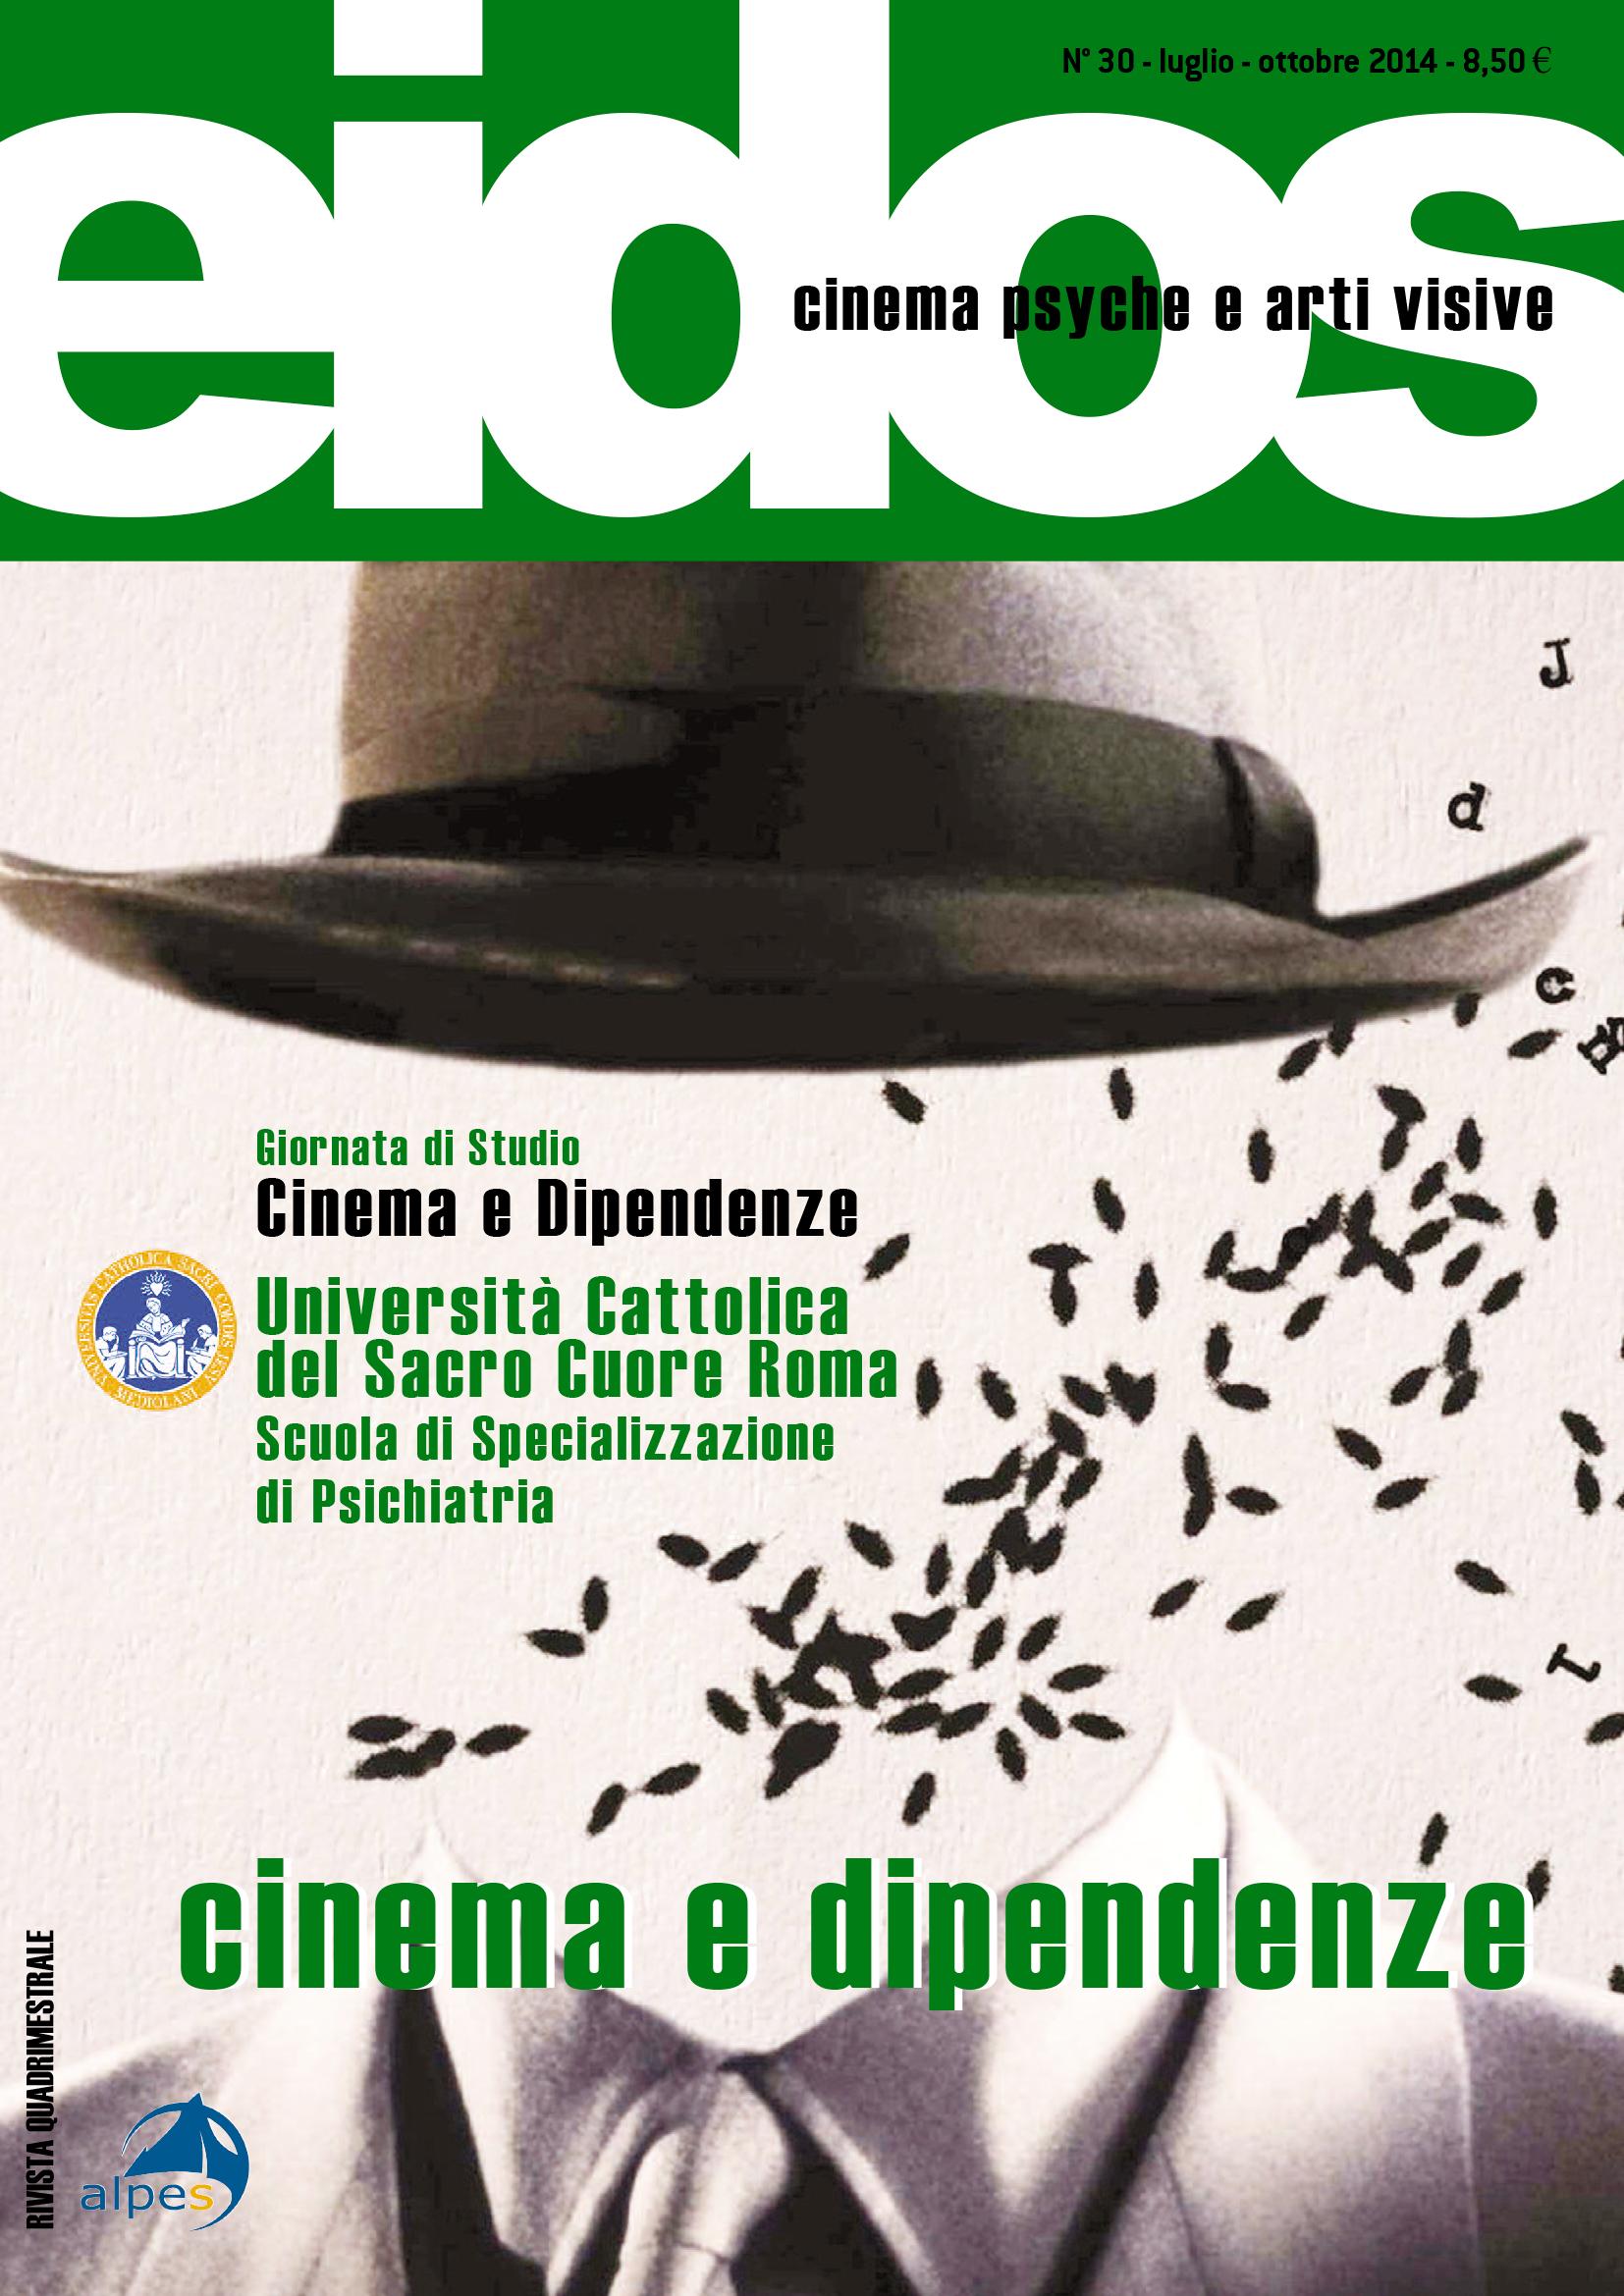 Eidos Cinema